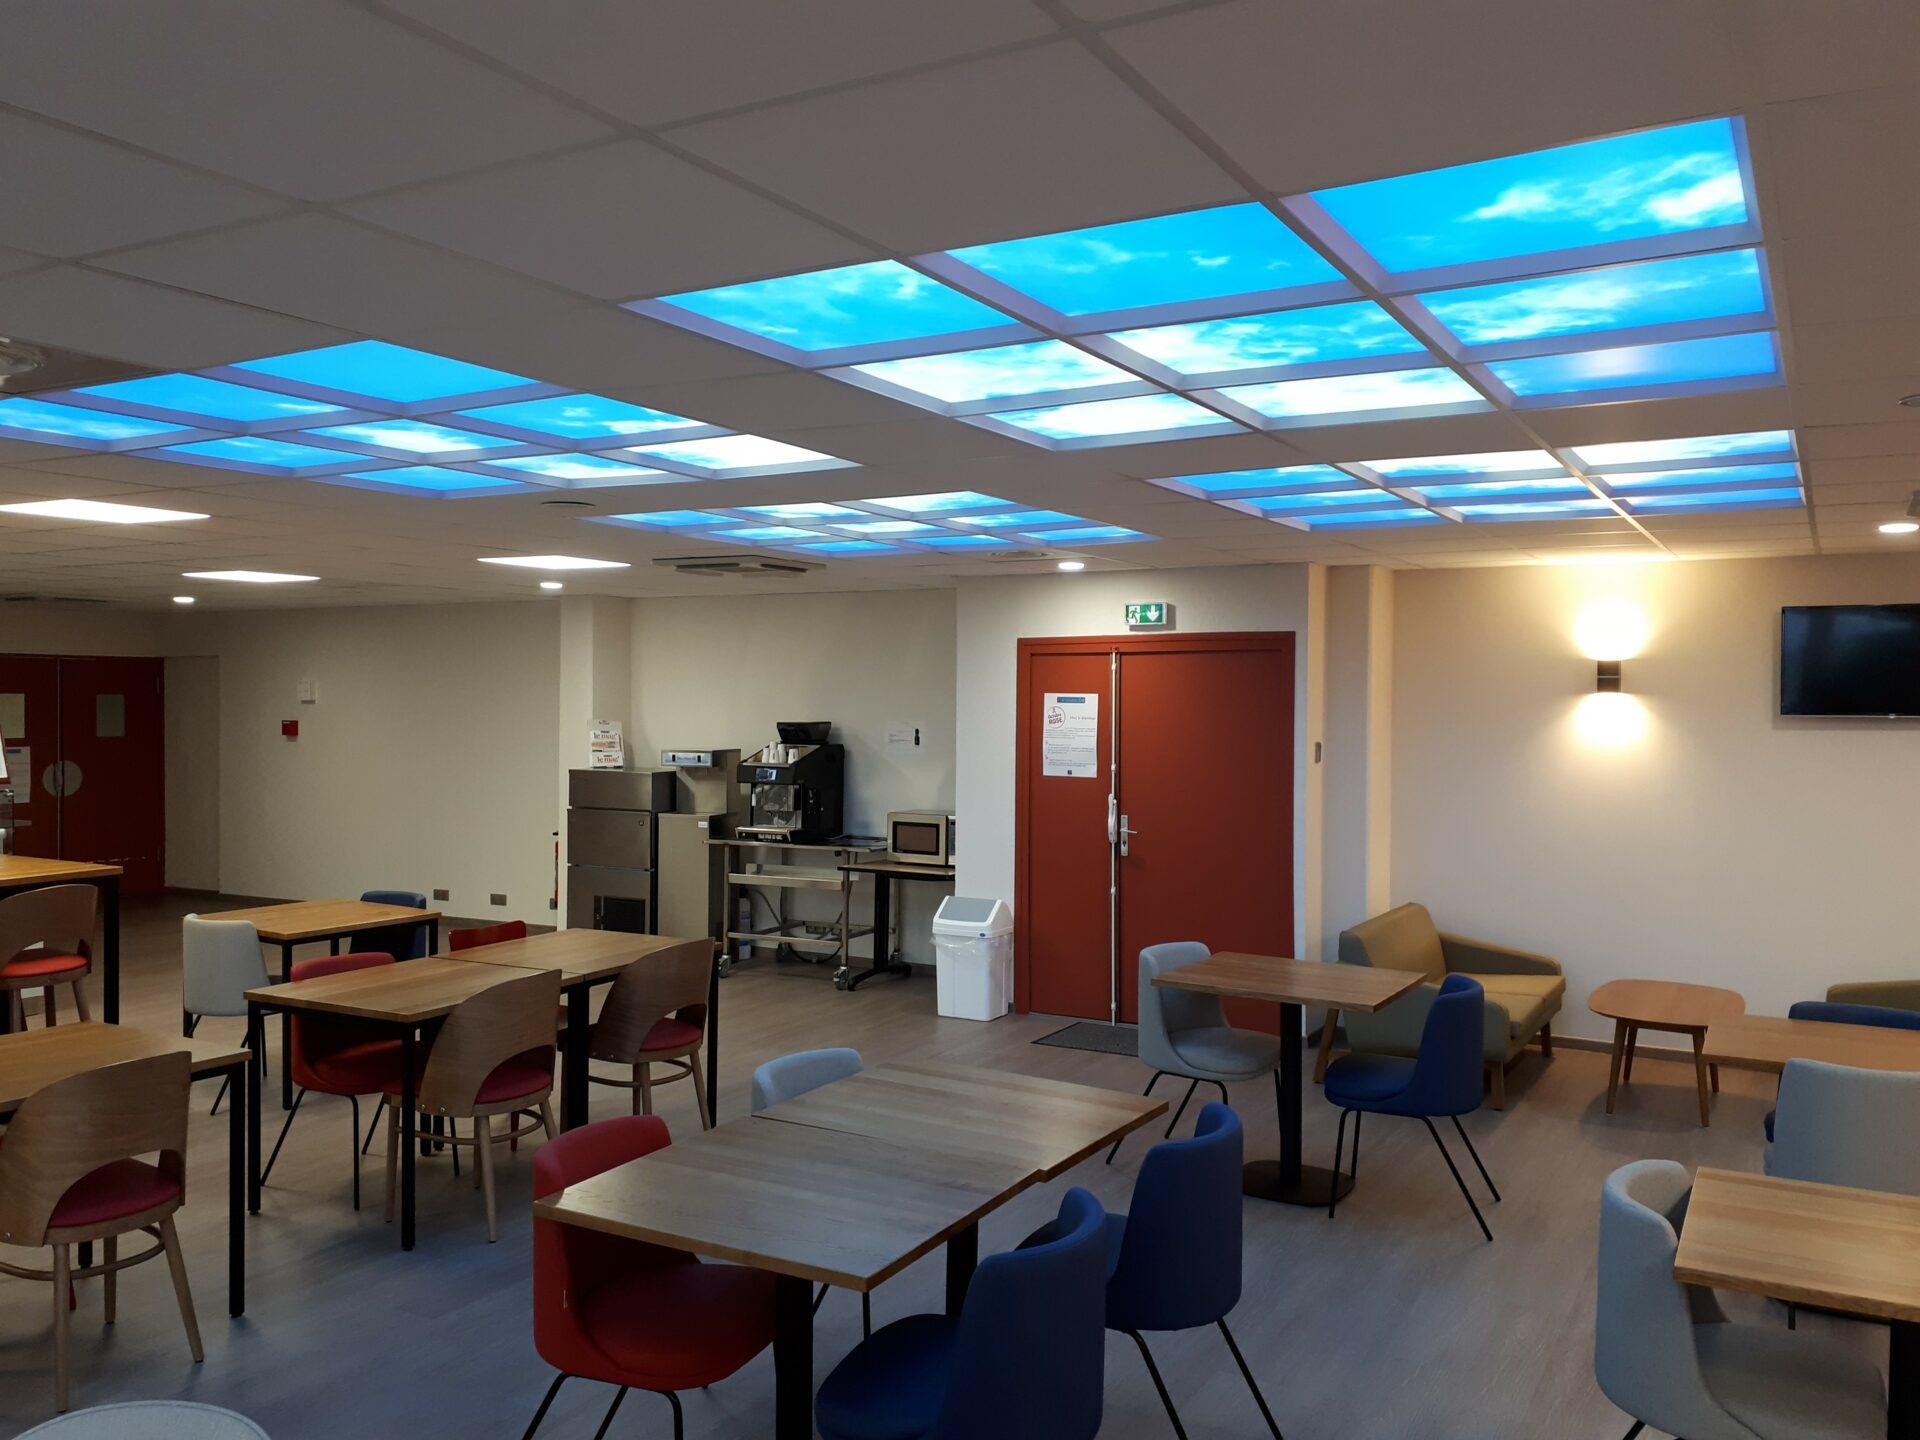 plafond lumineux Led cumulux au conseil général des Alpes maritimes